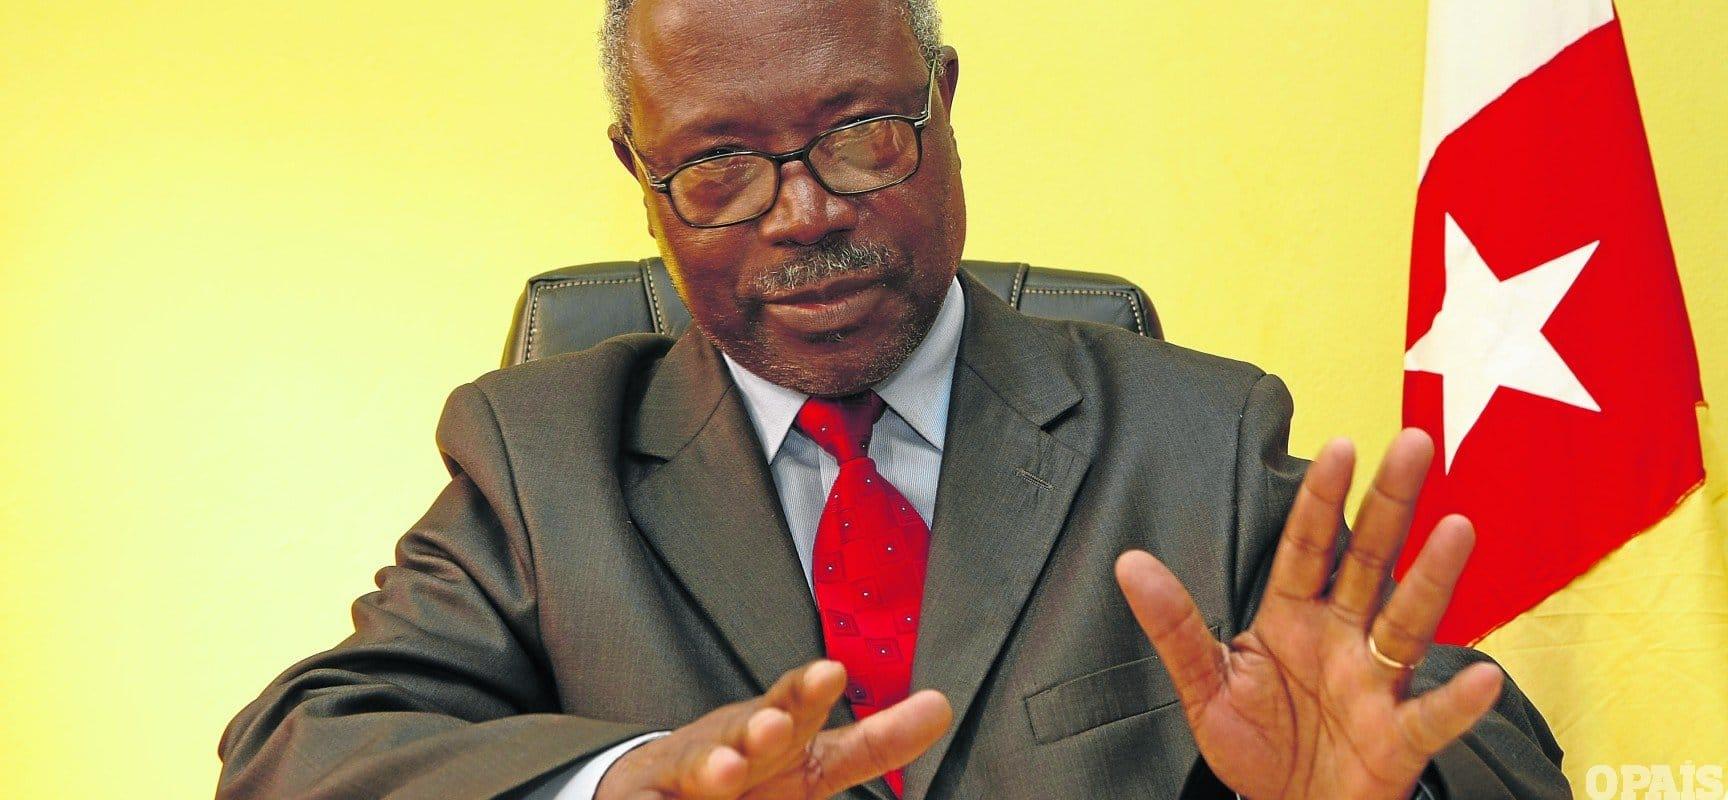 - Lucas Ngonda - Tribunal Constitucional invalida reunião do Comité Central da FNLA